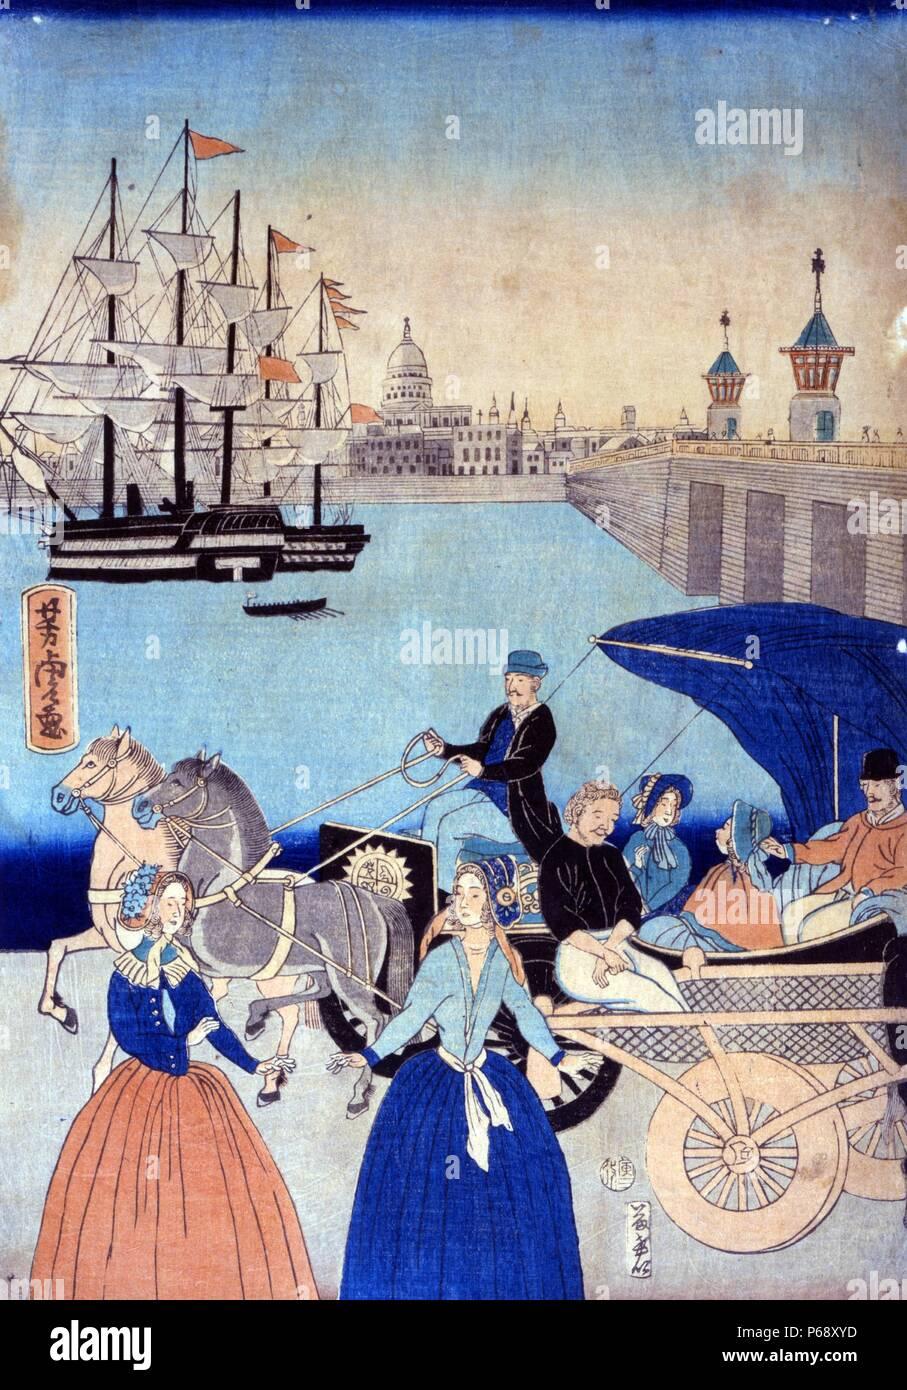 Colour illustration of London, titled Igirisukoku rondon zu, by Yoshitora Utagawa (active 1850-1880). Dated 1866 - Stock Image